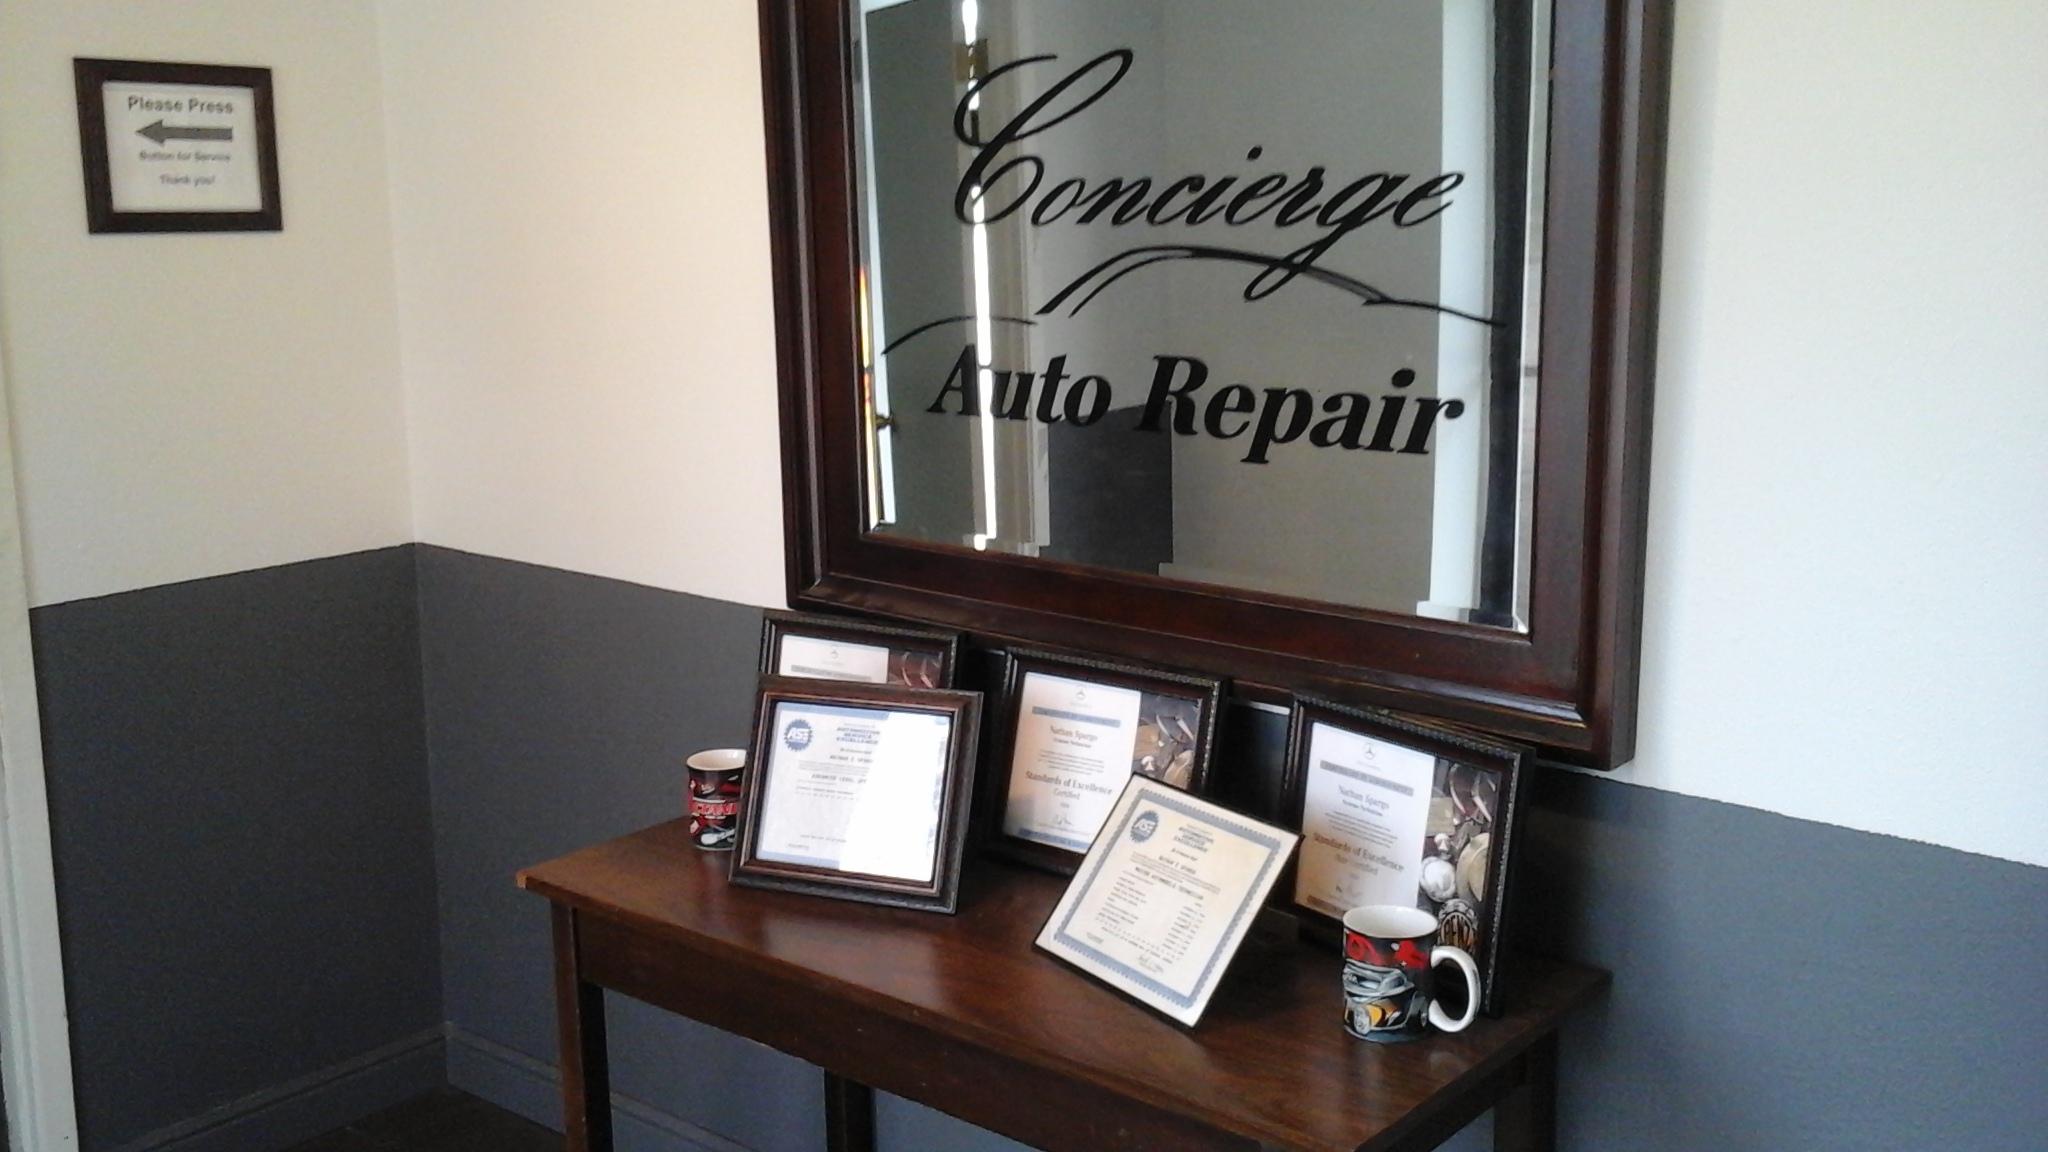 Concierge Auto Repair image 7